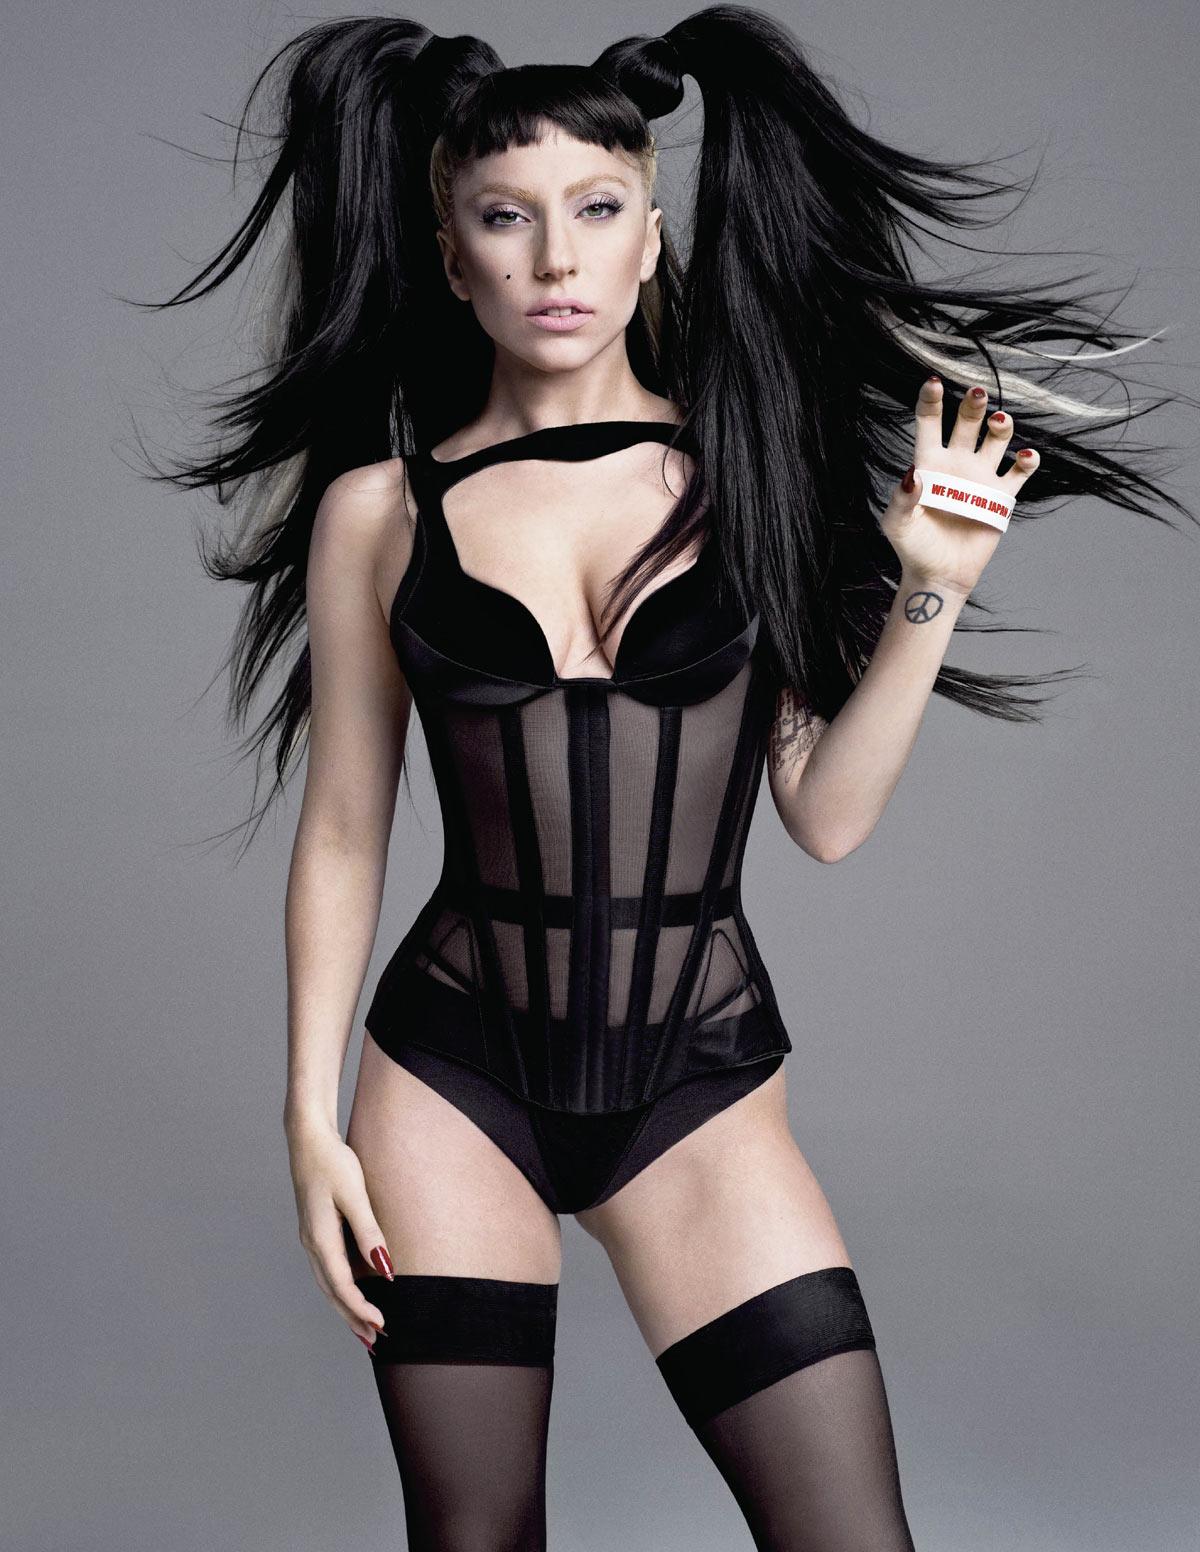 Lady-Gaga-V-Magazine-Summer-2011-Pic-5.jpg